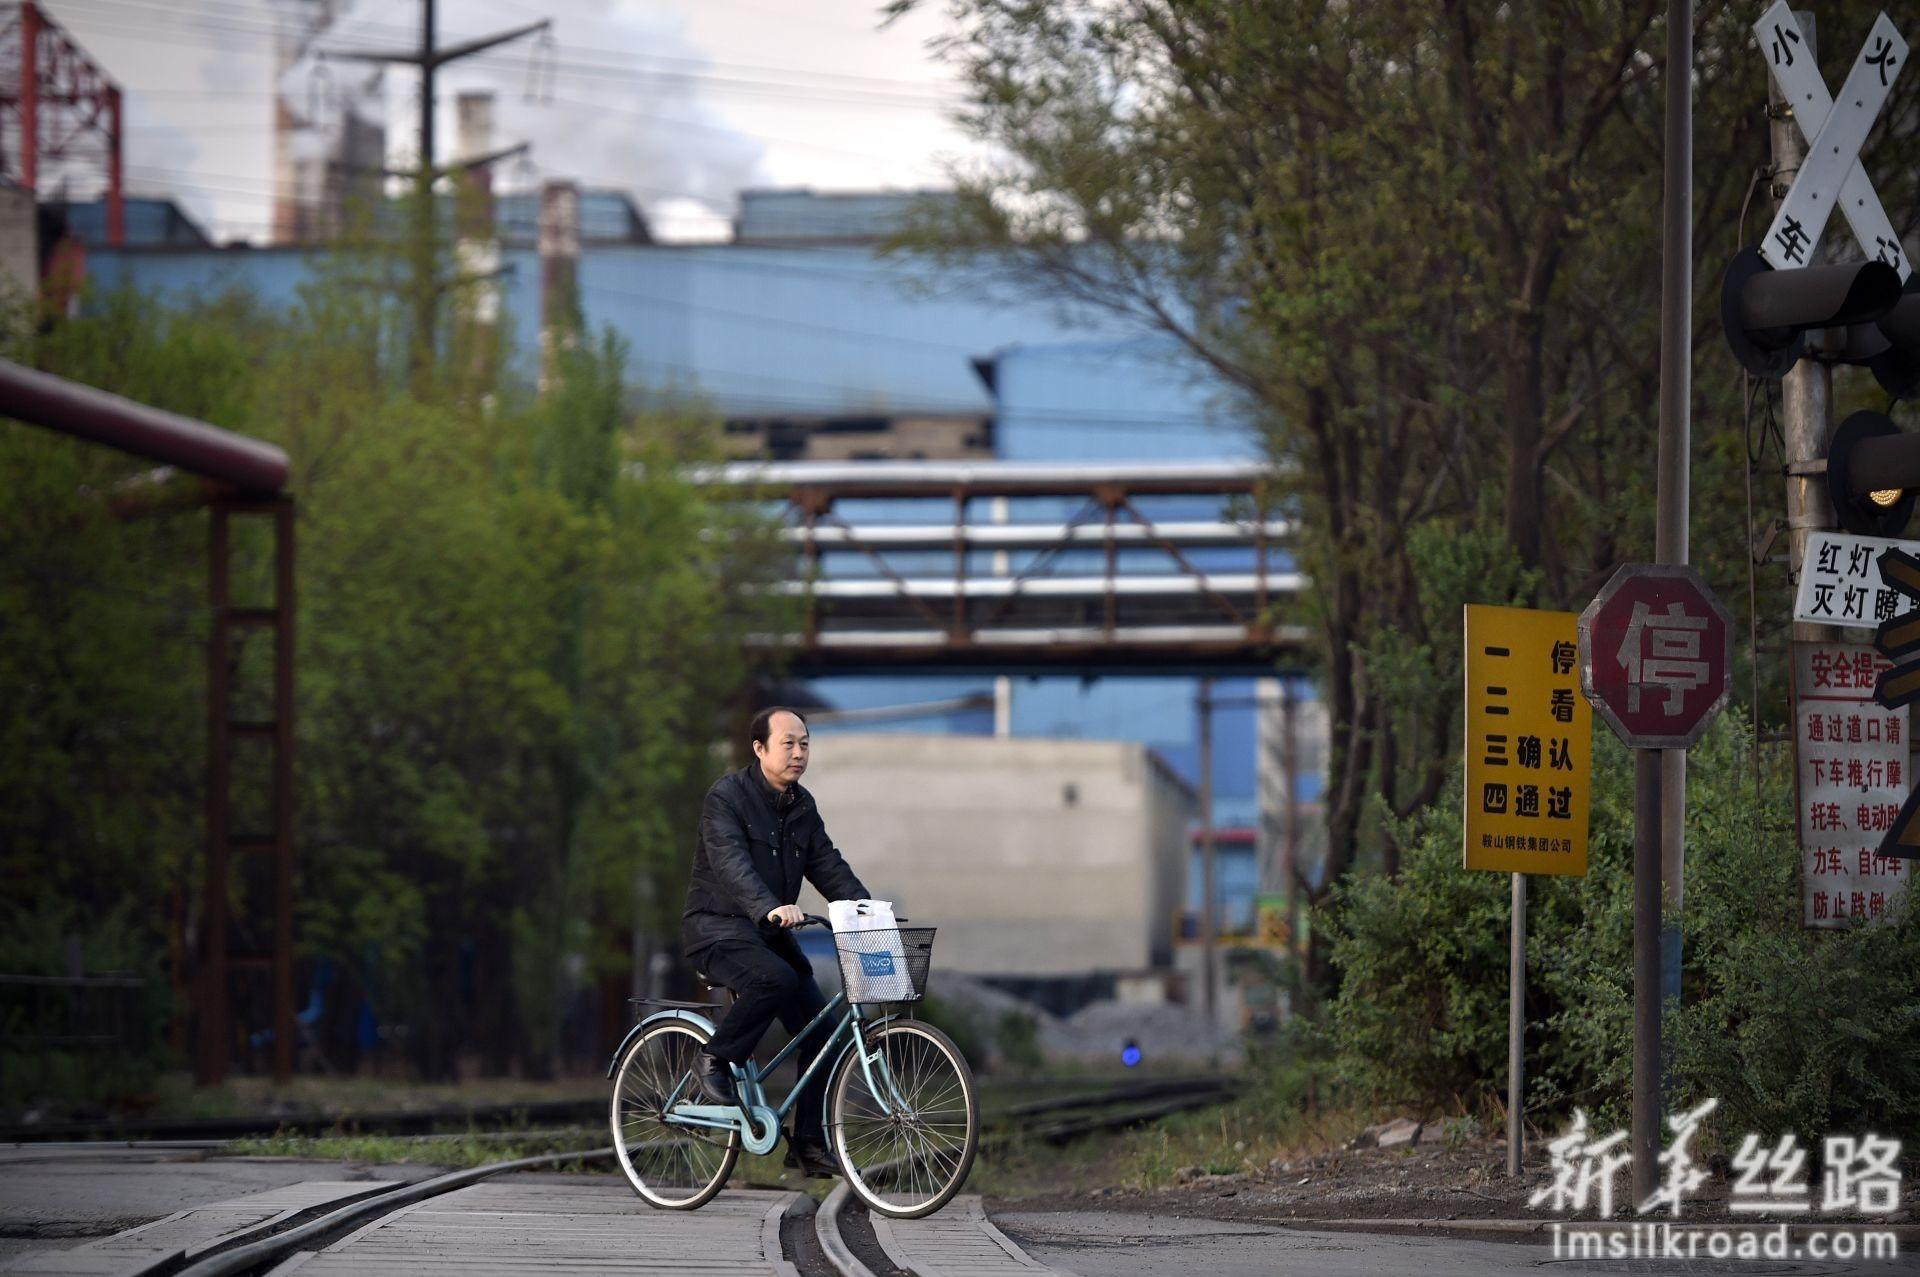 林学斌下班后骑车去公交站(4月29日摄)。新华社记者 姚剑锋 摄